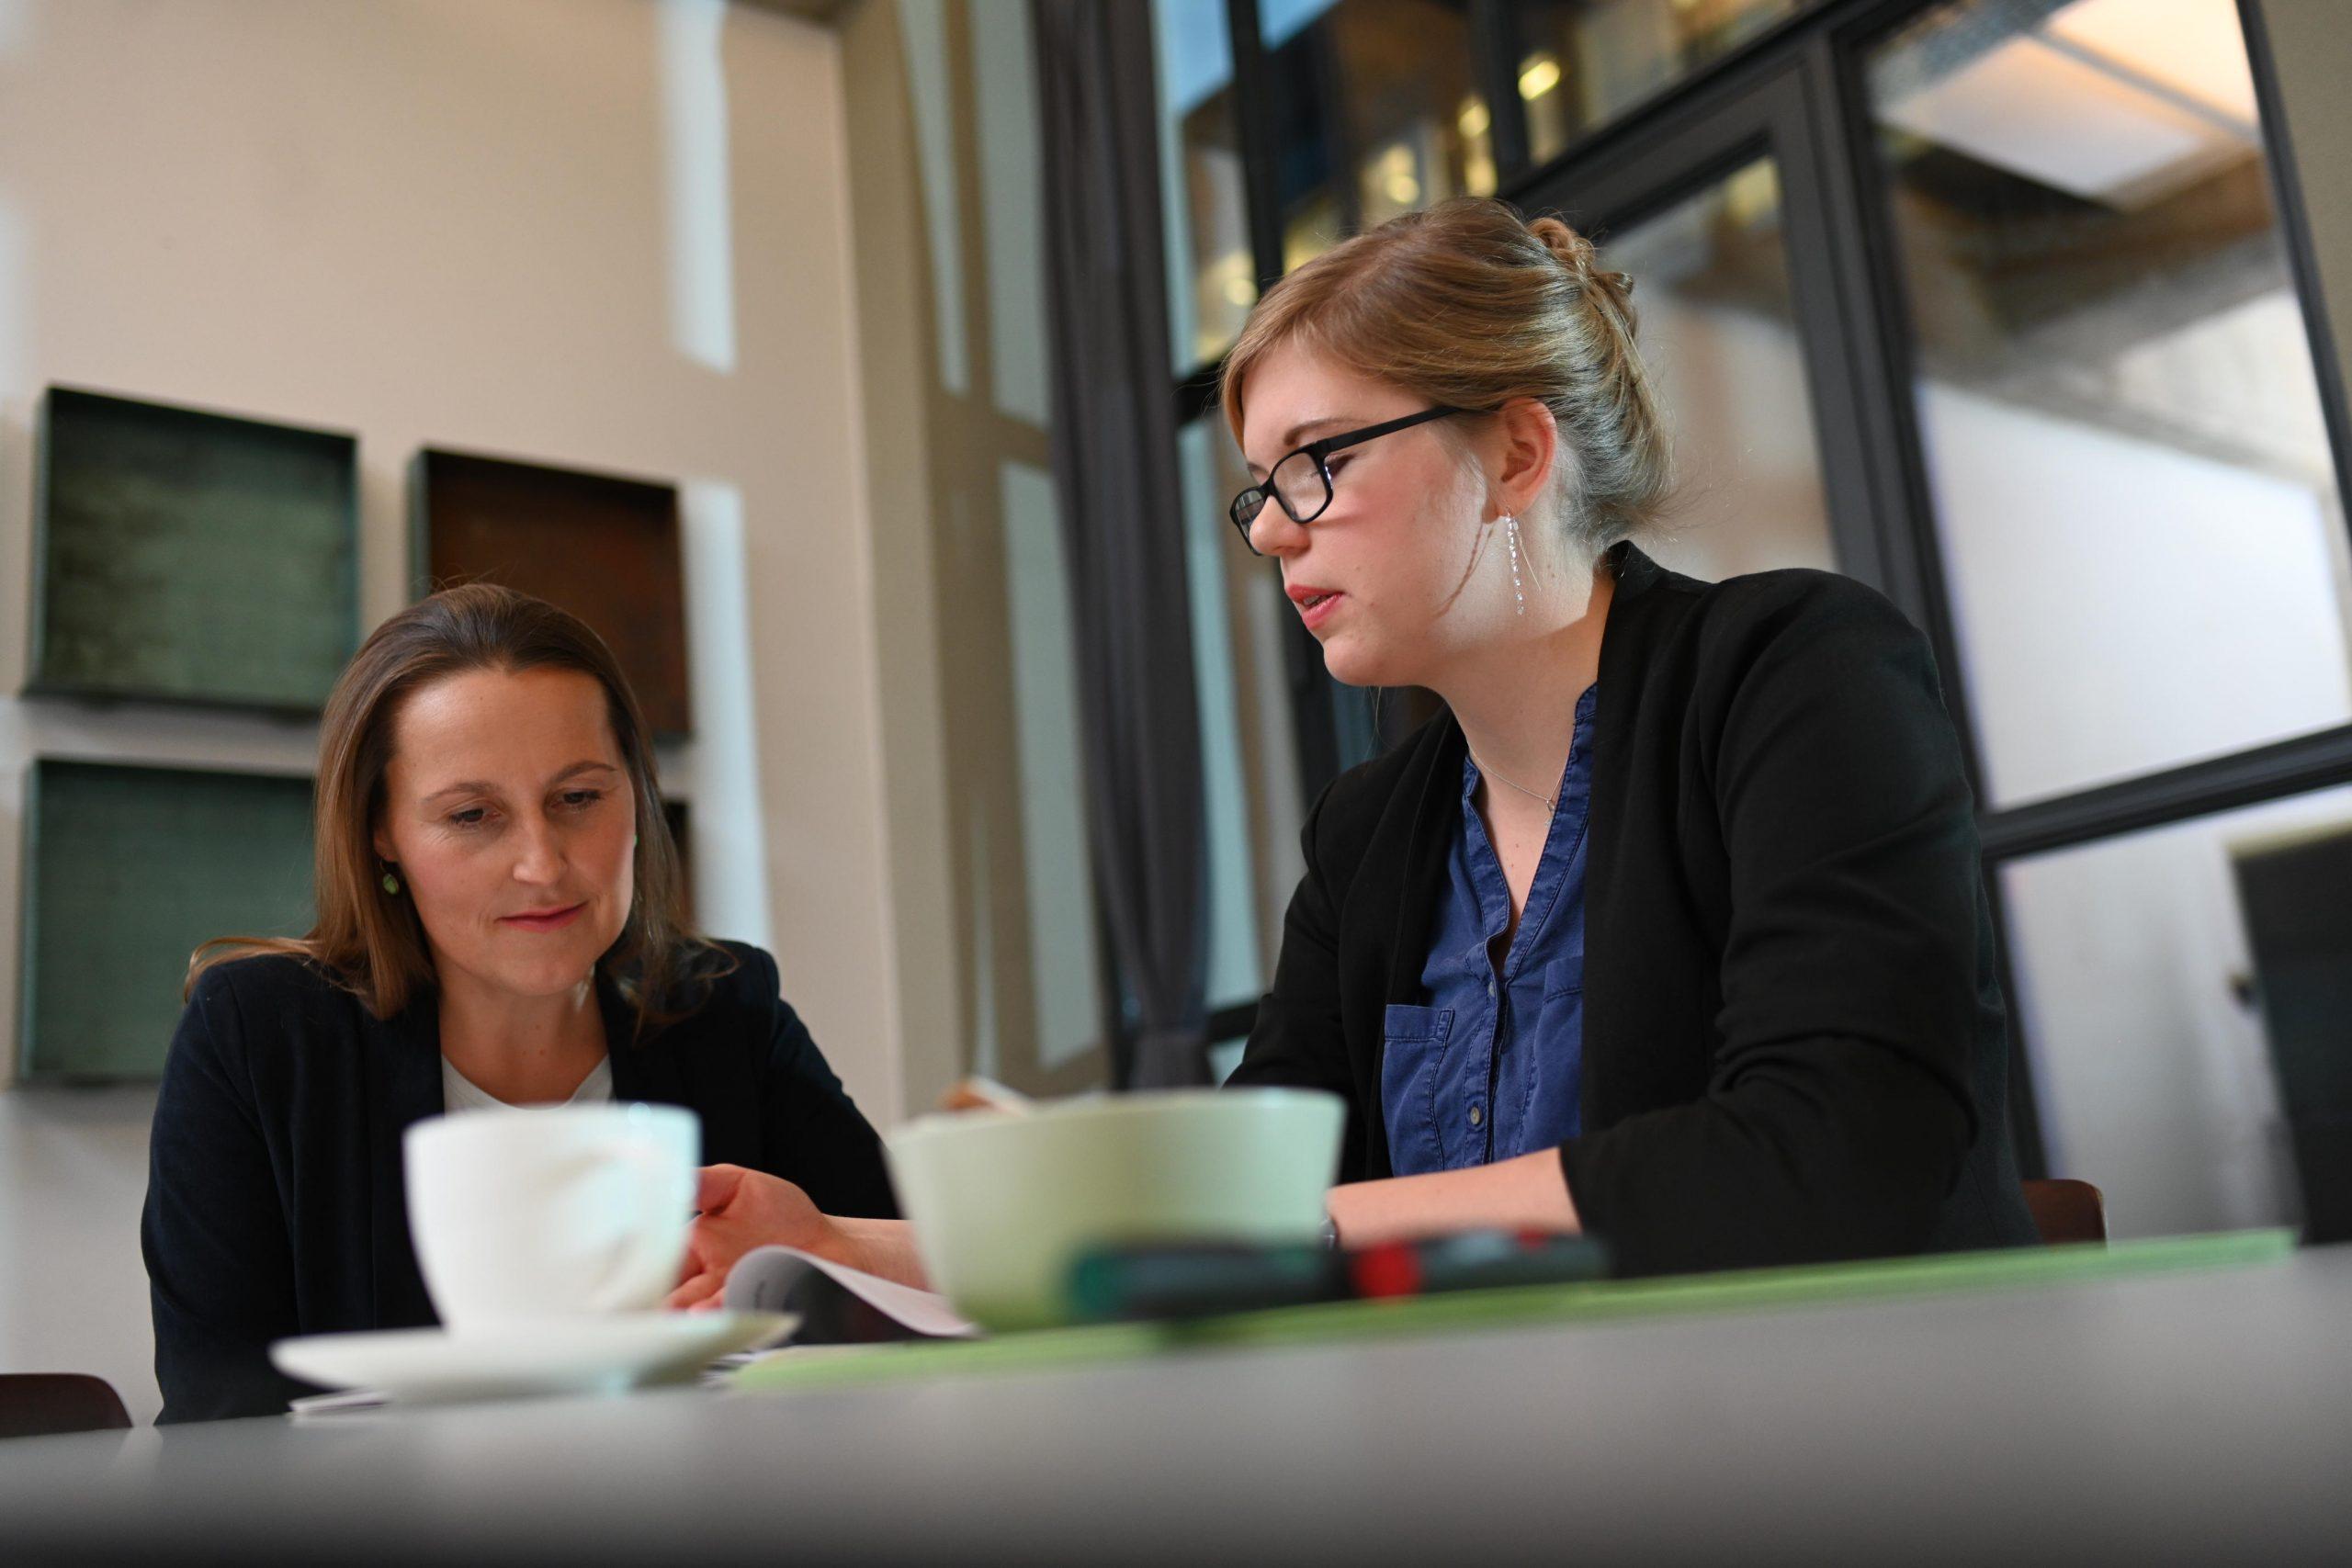 Besprechung zu Bewertungskriterien Vorstellungsgespräch